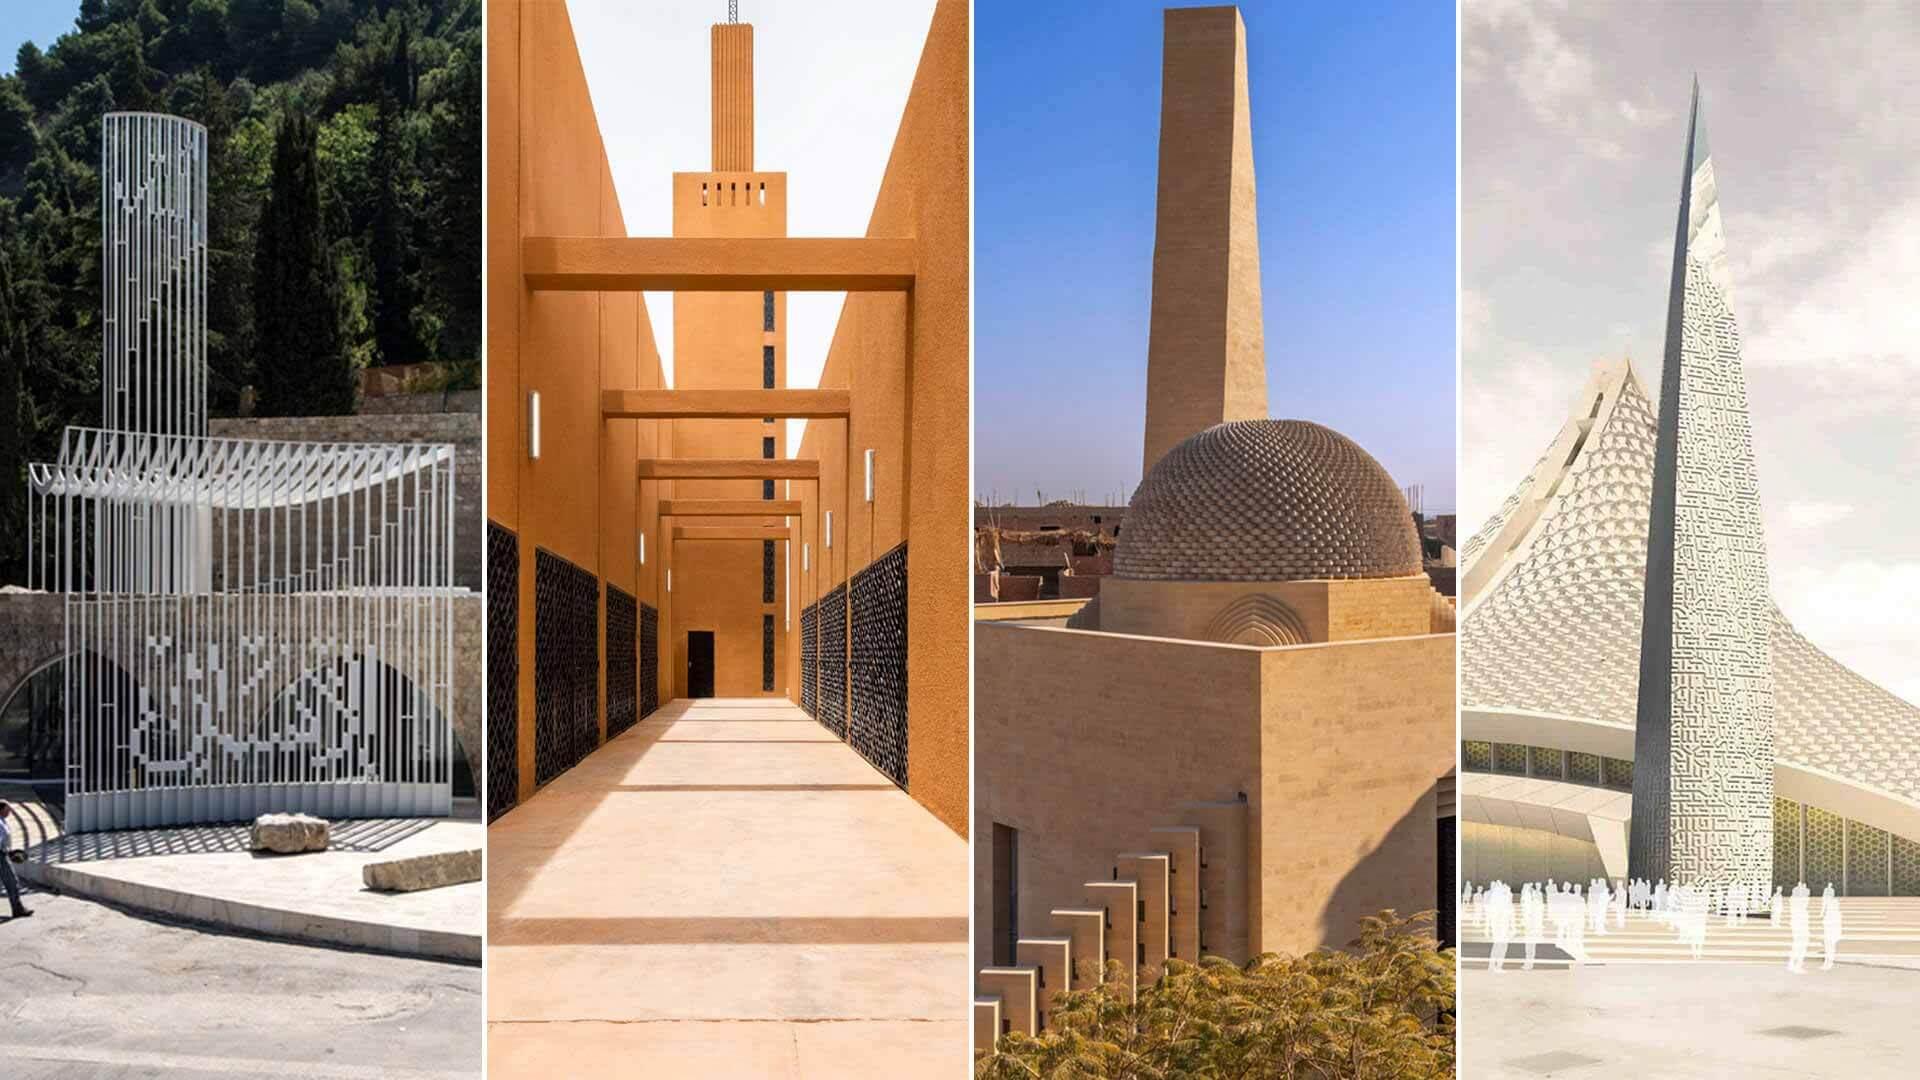 Архитектурное, культурное и религиозное значение минаретов